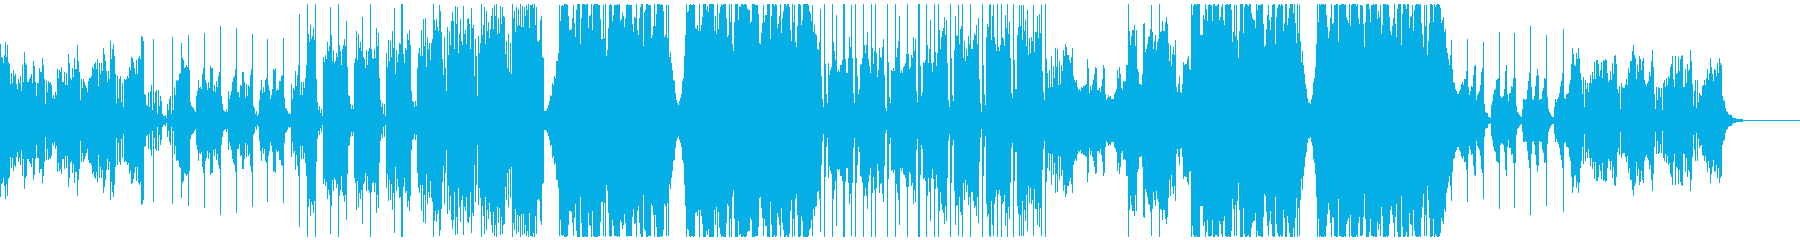 エモいフューチャーベースの再生済みの波形